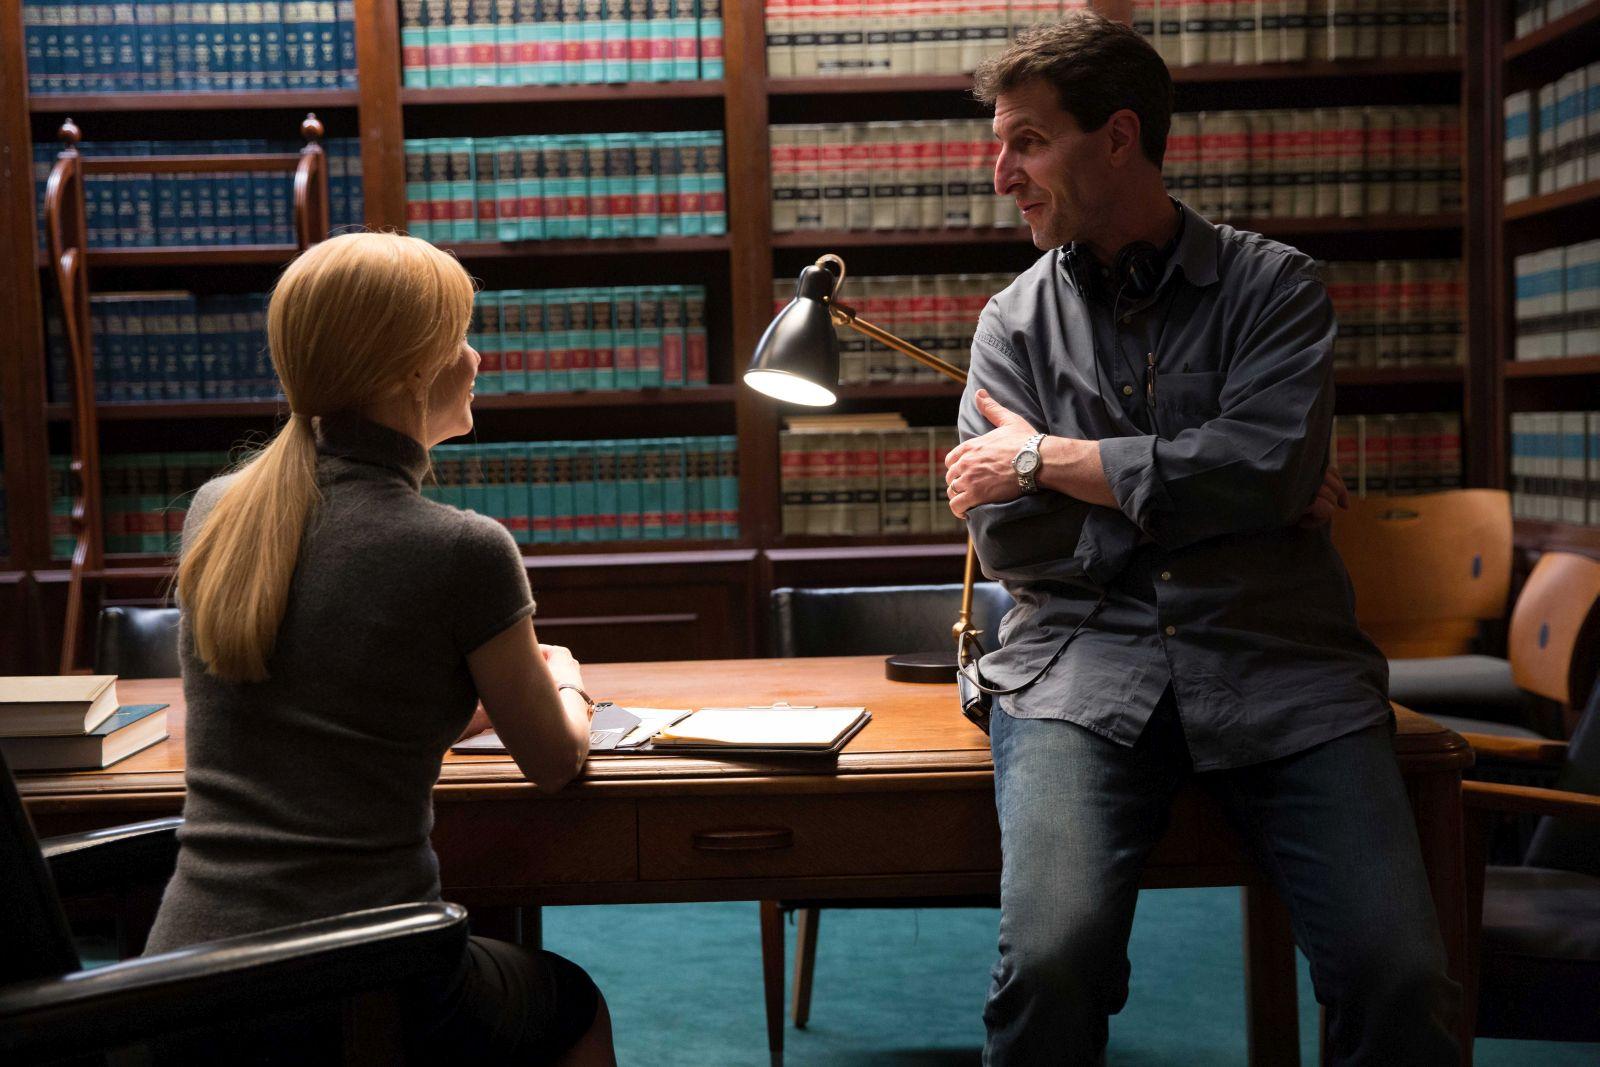 Il segreto dei suoi occhi: il regista Billy Ray con Nicole Kidman in un'immagine dal set